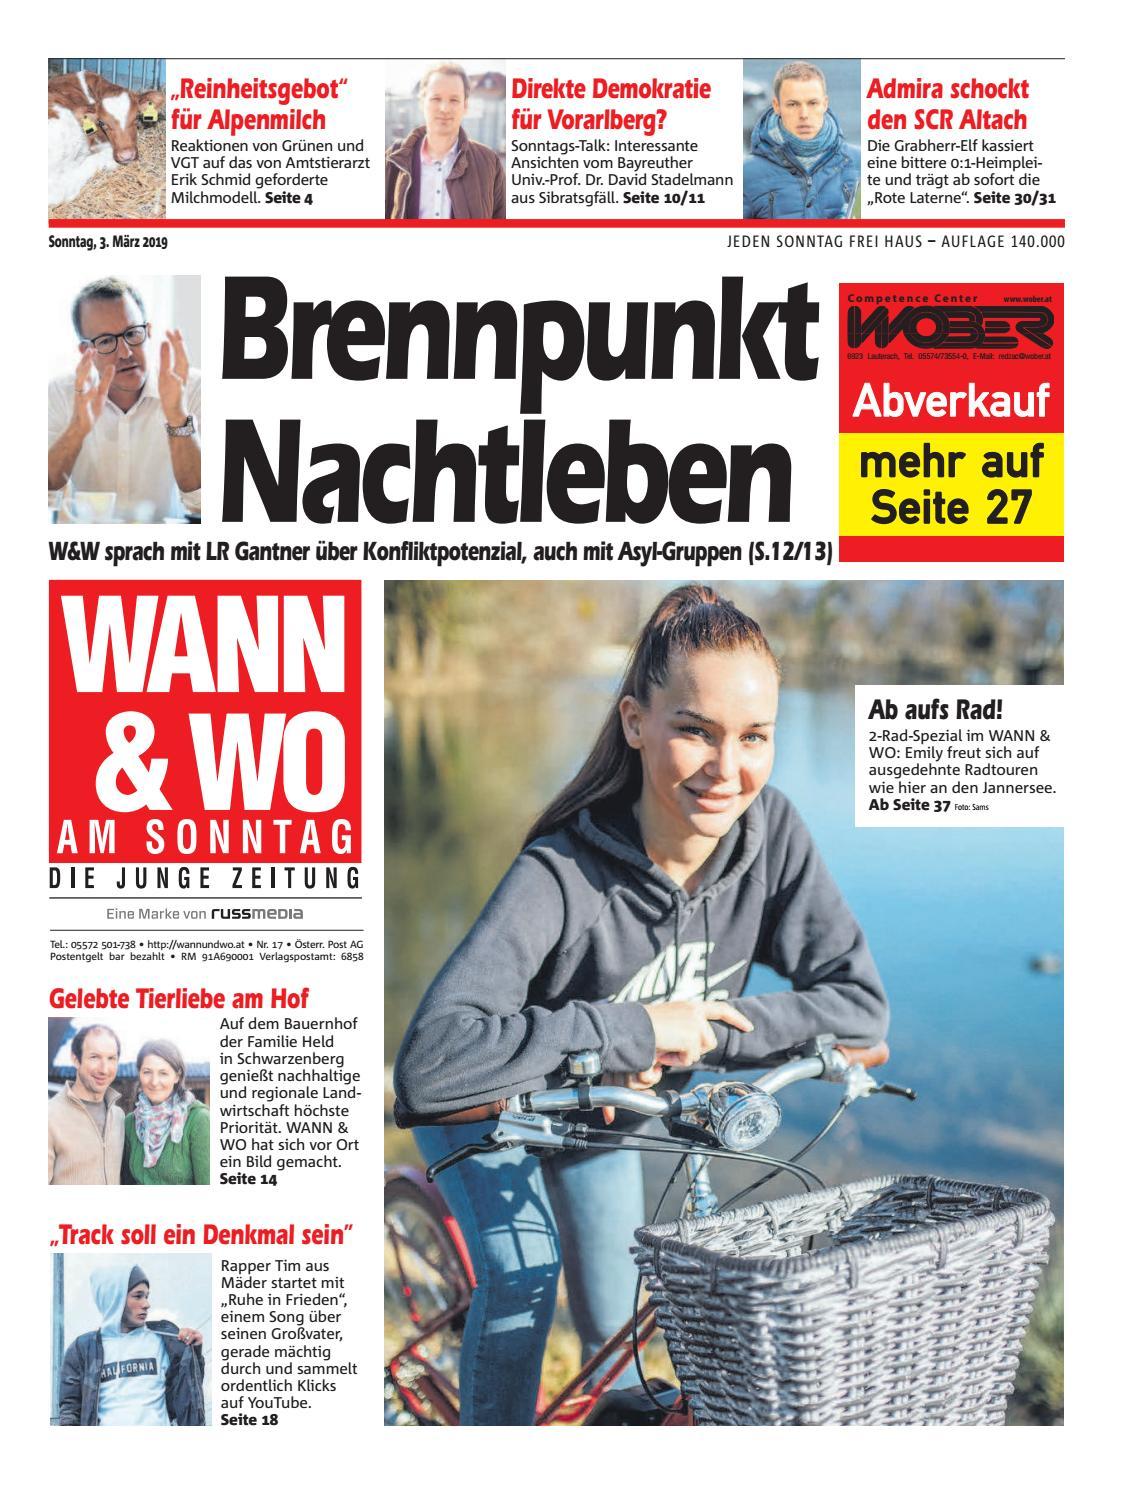 Online Chat & Dating Mder | Lerne Mnner & Frauen in